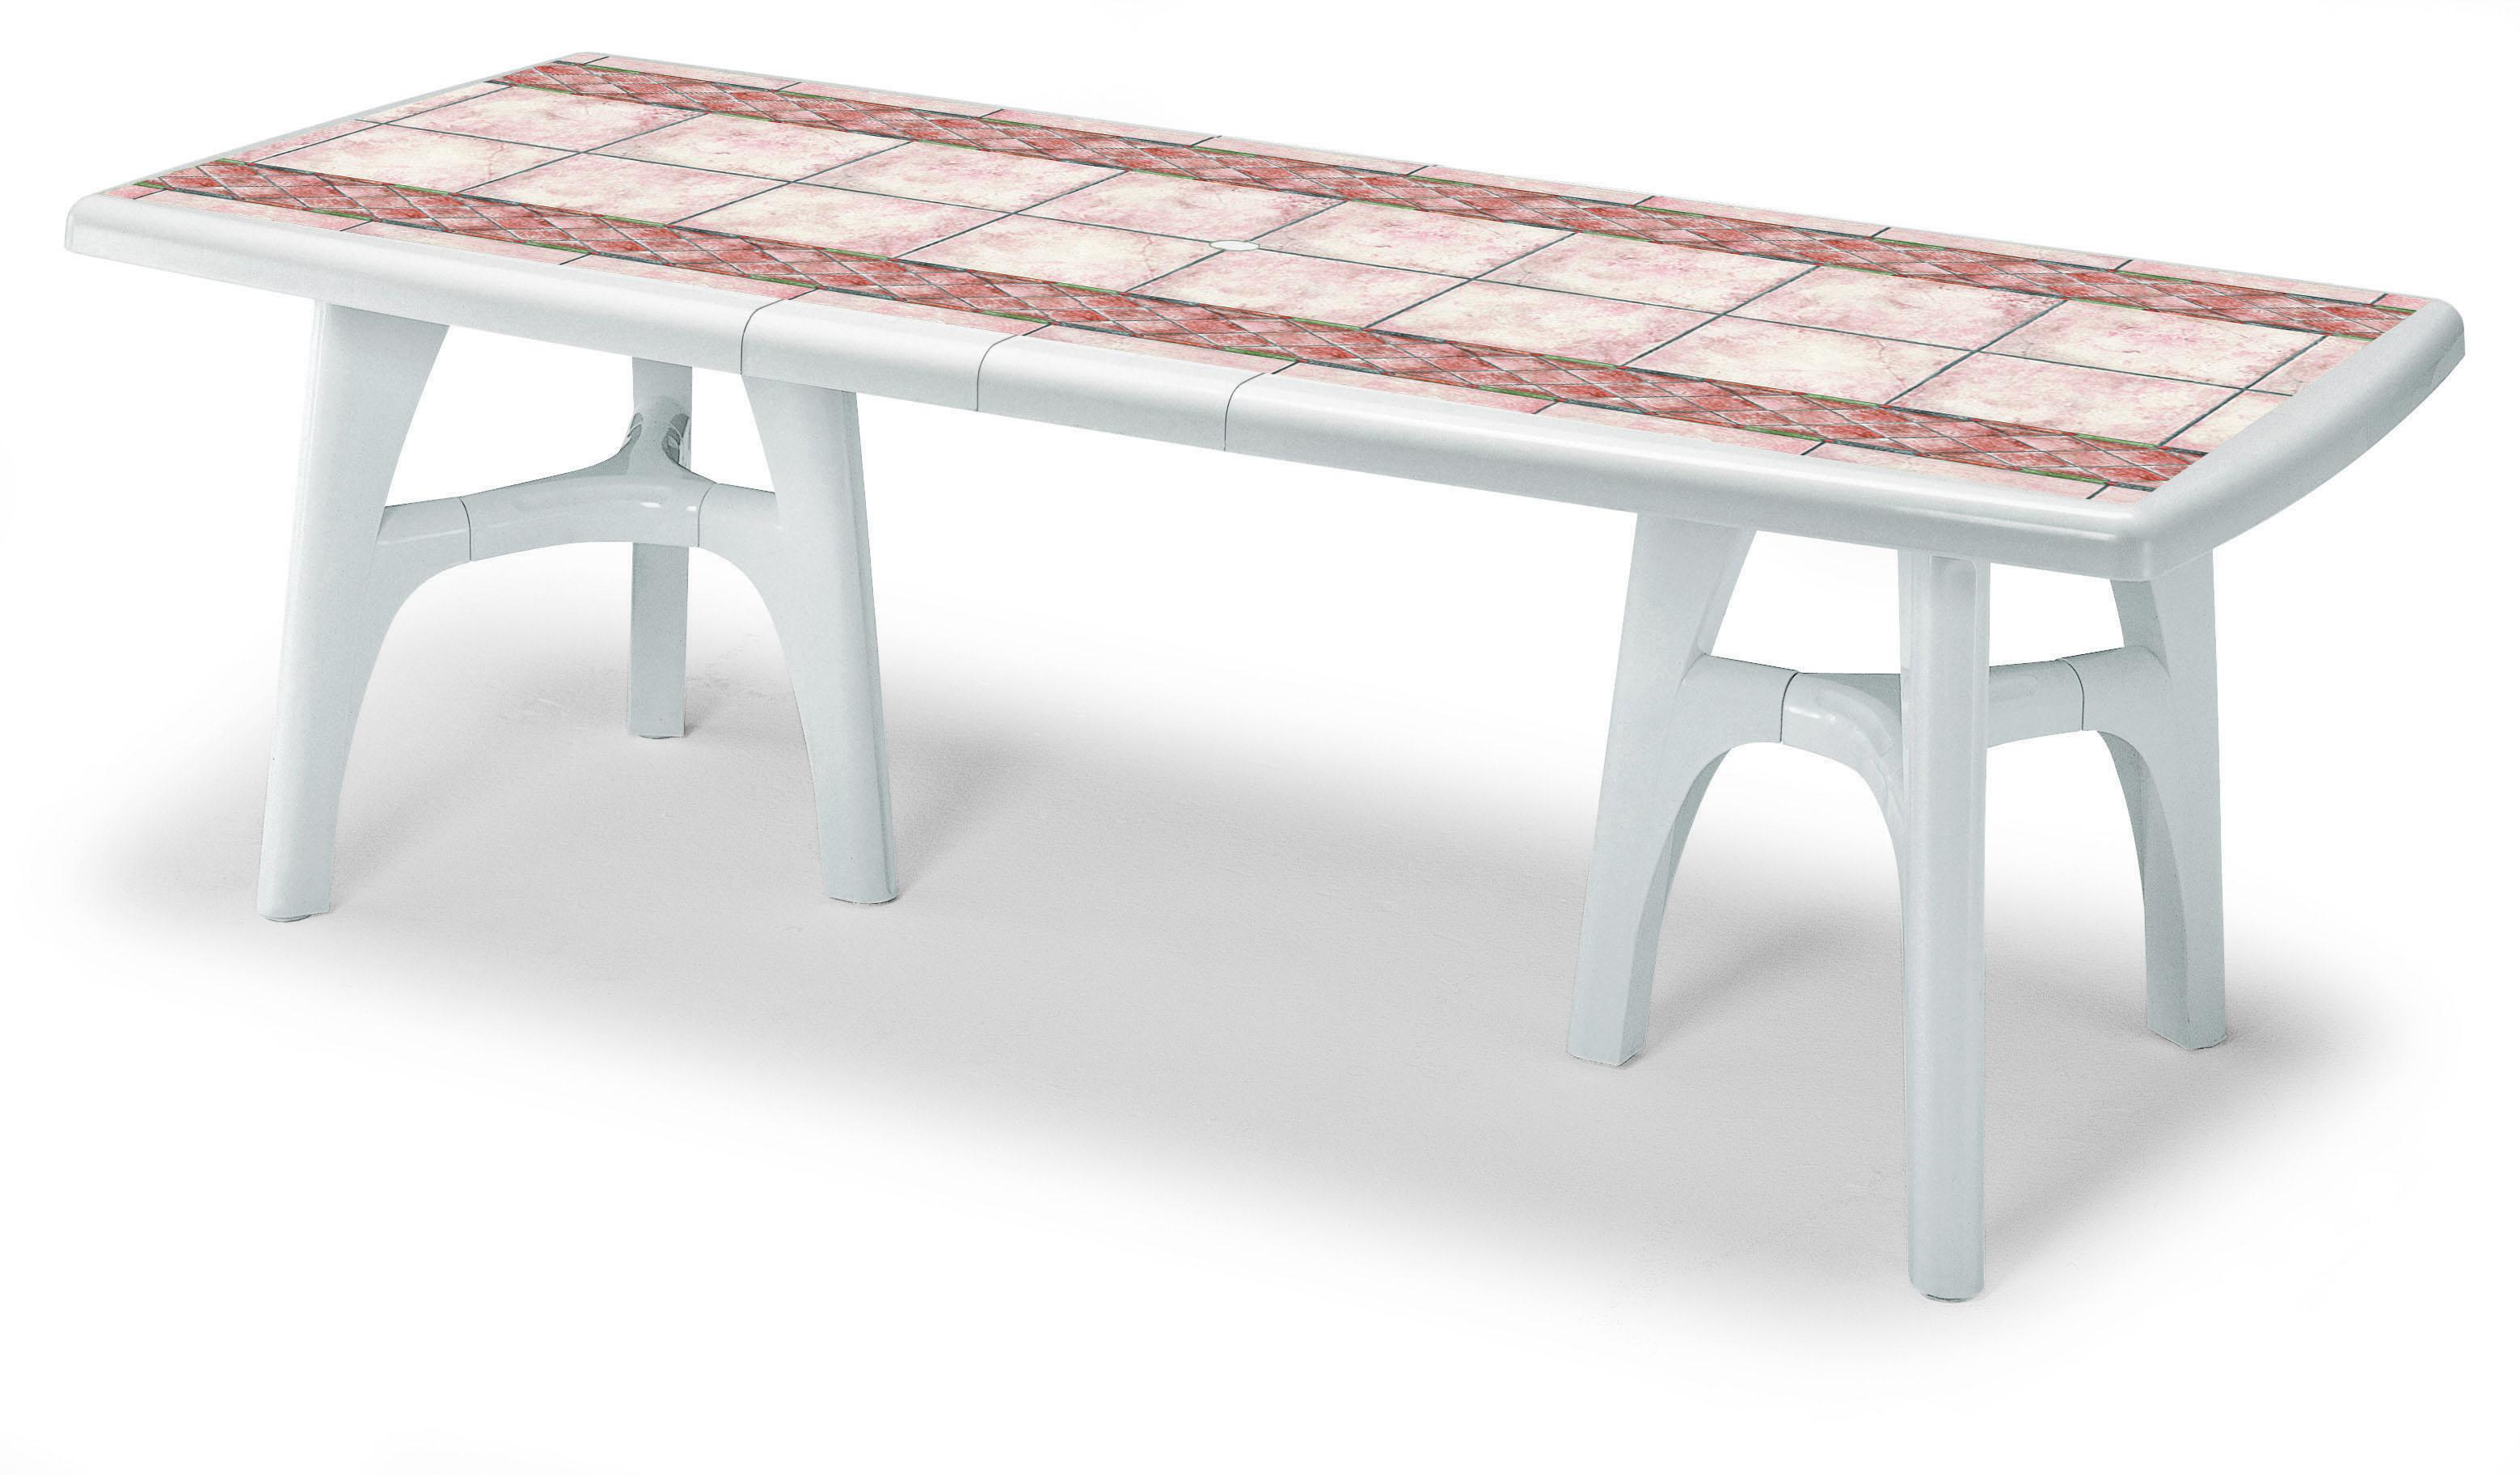 Tavoli Da Giardino Resina Allungabili.Tavolo Da Giardino Resina Tavolo Tavolino In Resina Bianco Cm